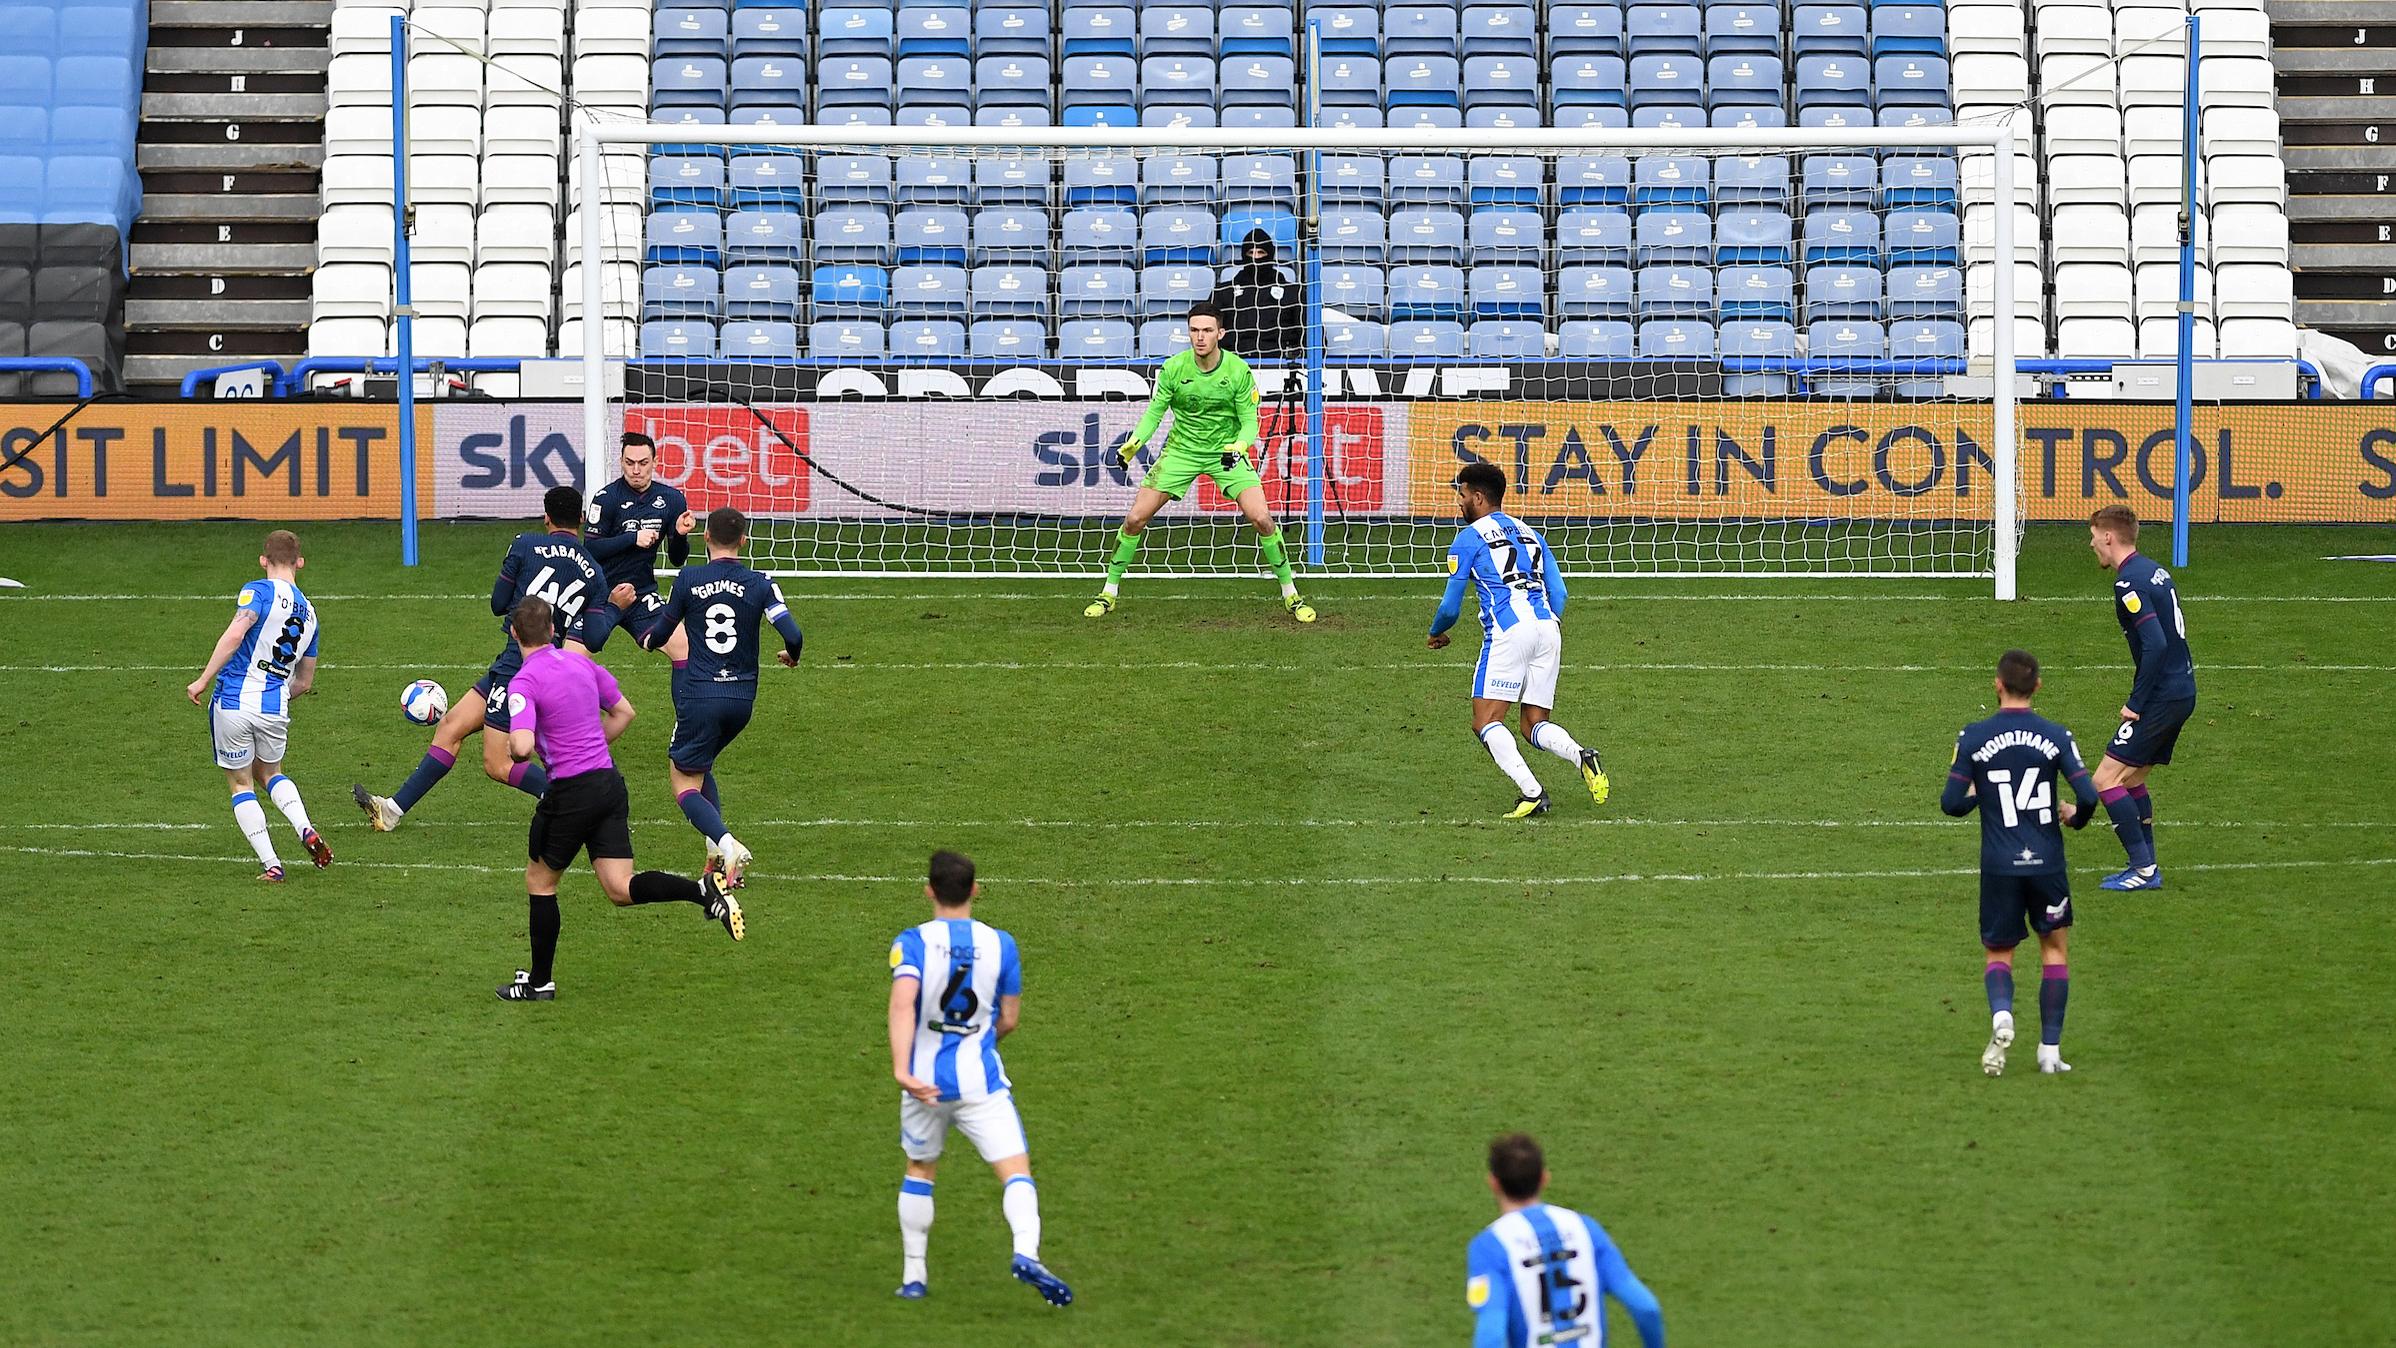 Huddersfield Town v Swansea City